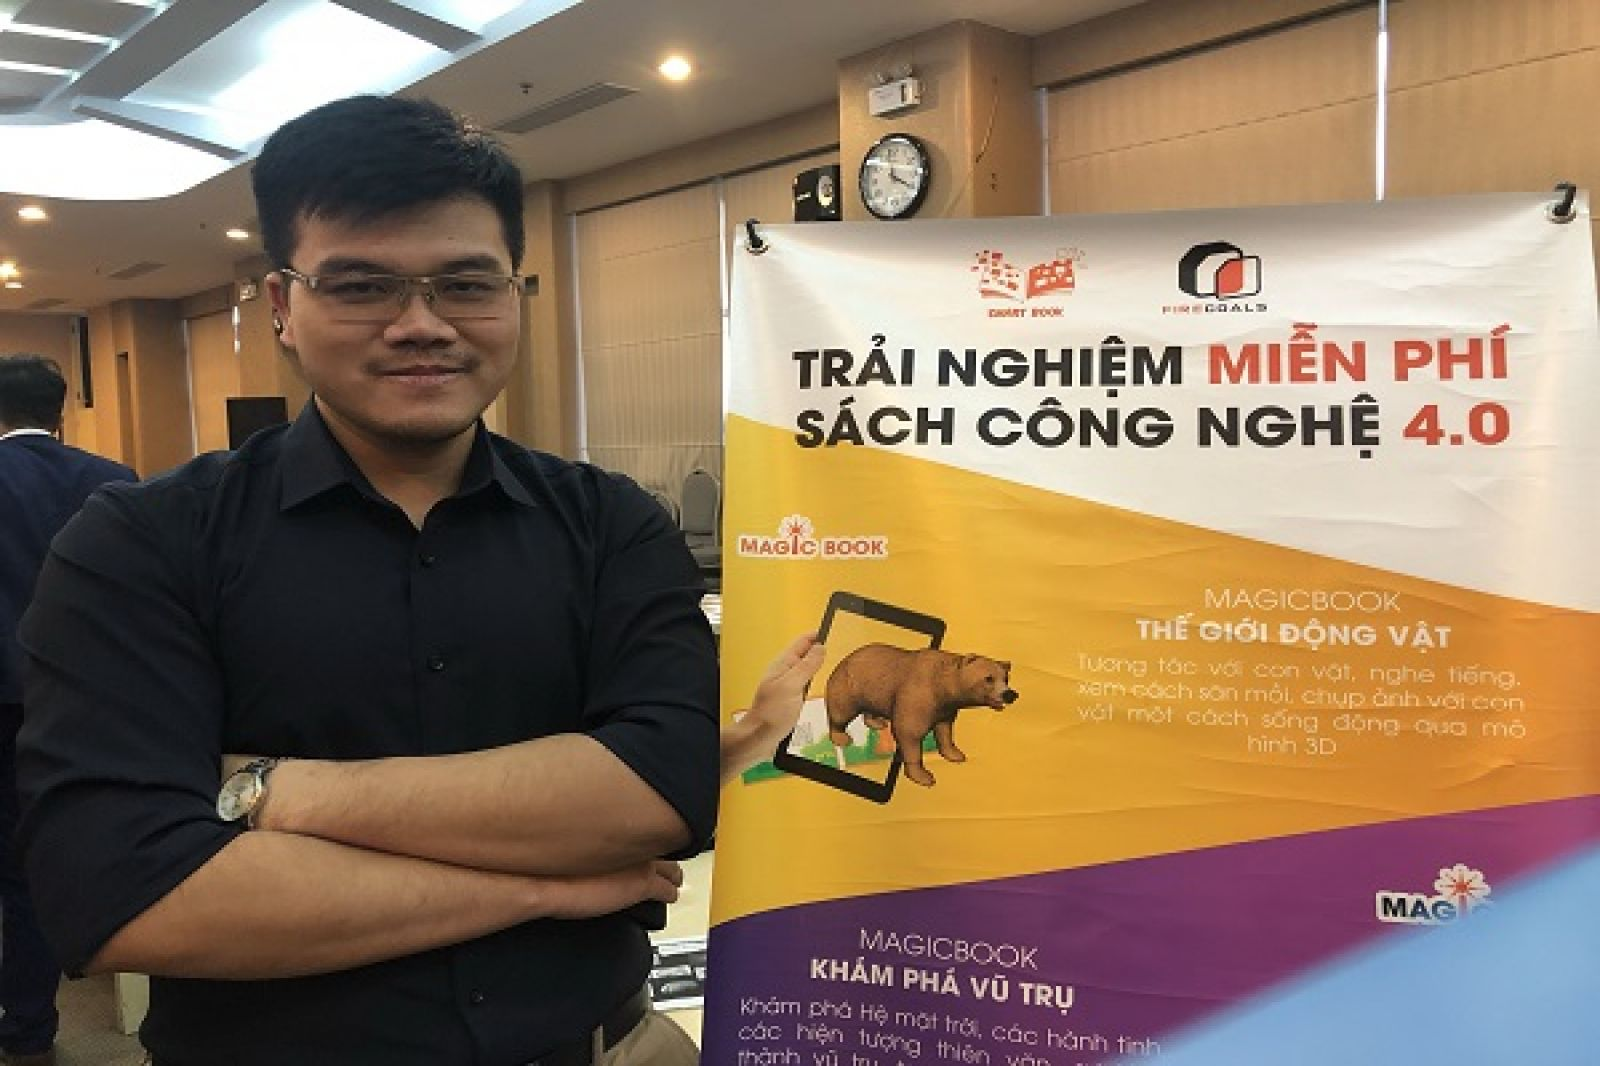 Anh Nguyễn Đình Thảo, CEO và Founder công ty FireCoals, dự án MagicBook